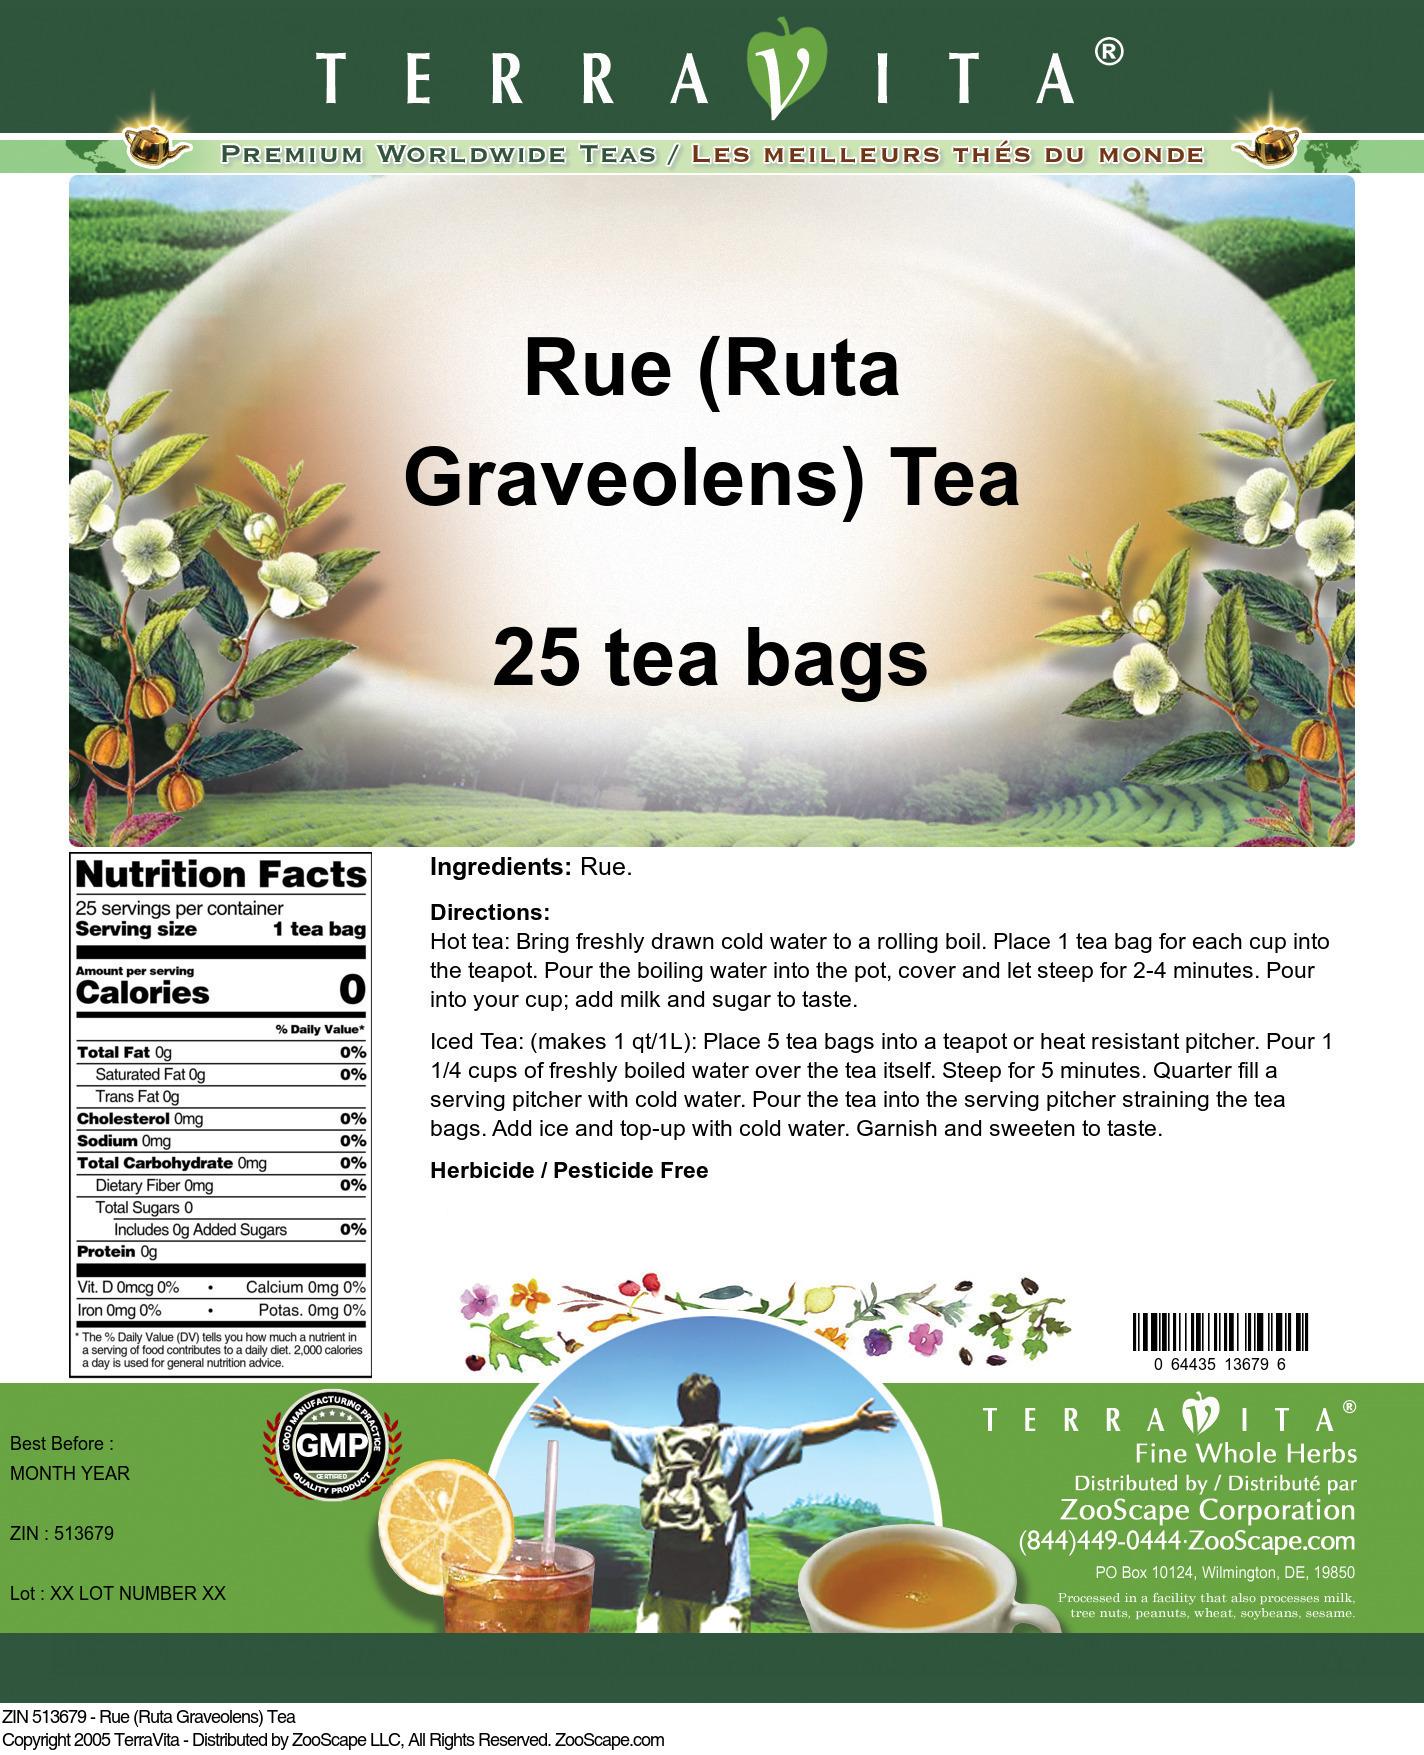 Rue (Ruta Graveolens) Tea